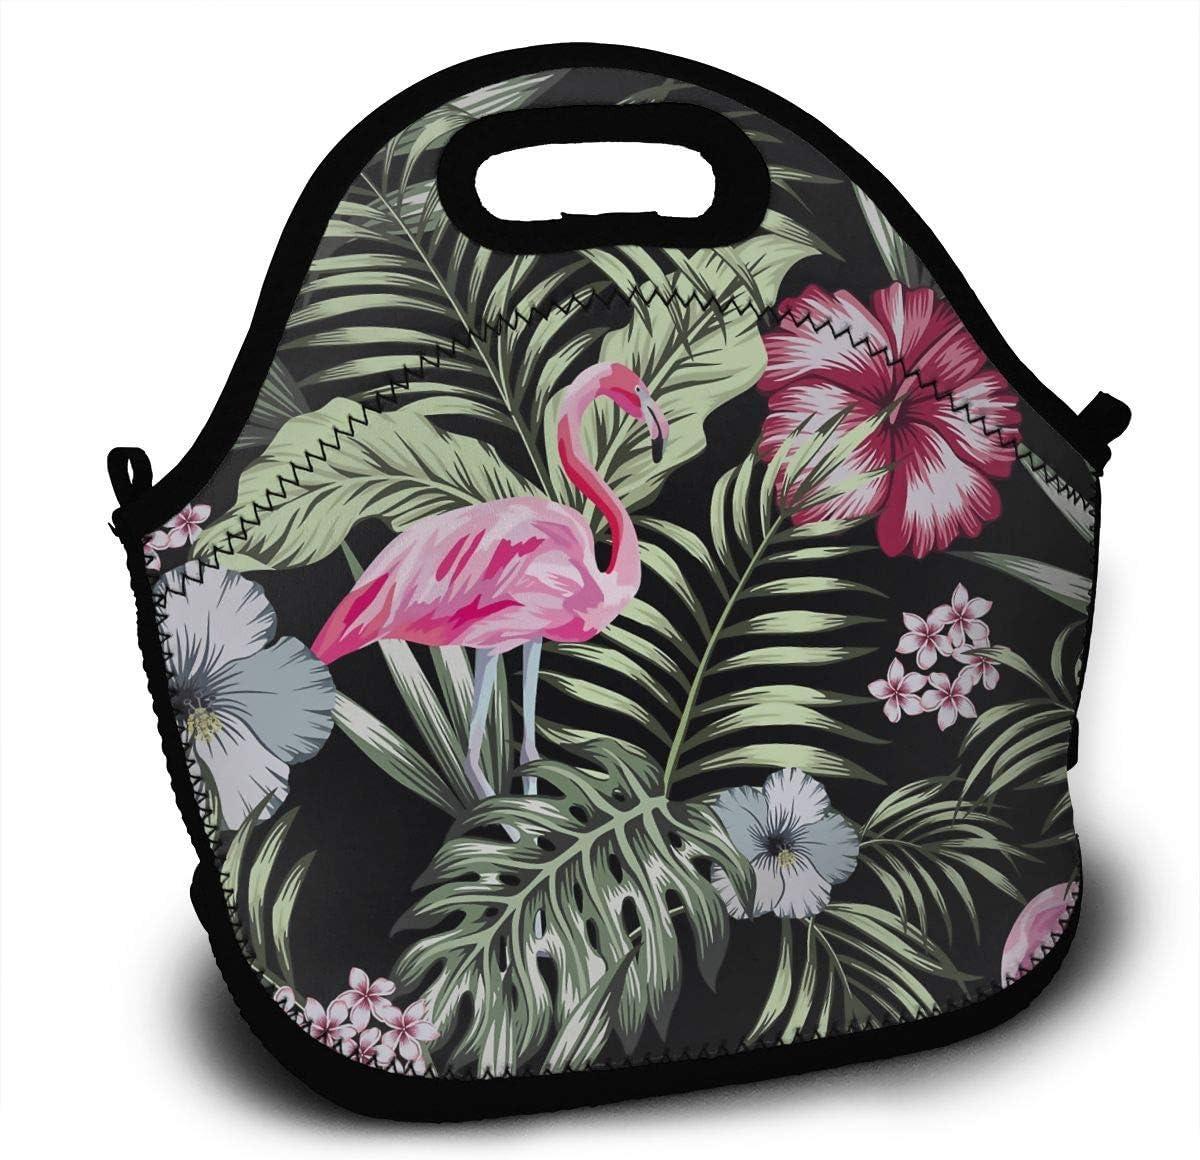 Bolsa De Almuerzo,Flamingo Night Jungle Tropical Leaves Black Lunch Bolso, Bolsas Decorativas Para Adultos De Escalada De Viaje